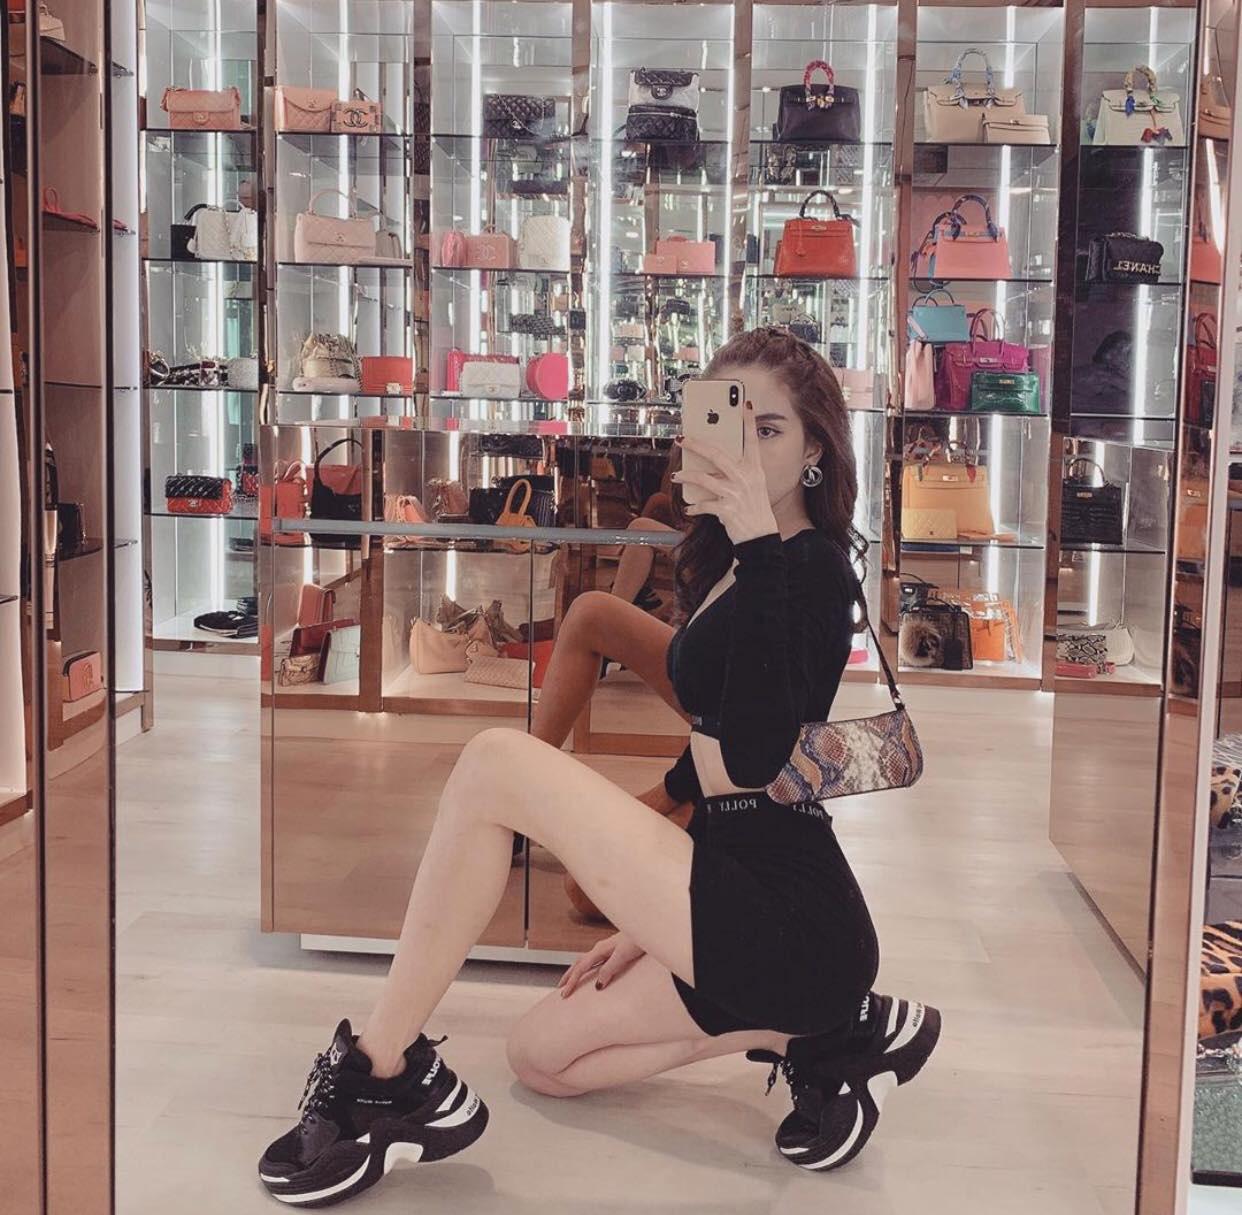 Vắng show chậu mùa dịch, Ngọc Trinh vẫn khoe thành quả mua sắm gây choáng: Sơ sơ cũng 40 đôi giày! - Ảnh 3.